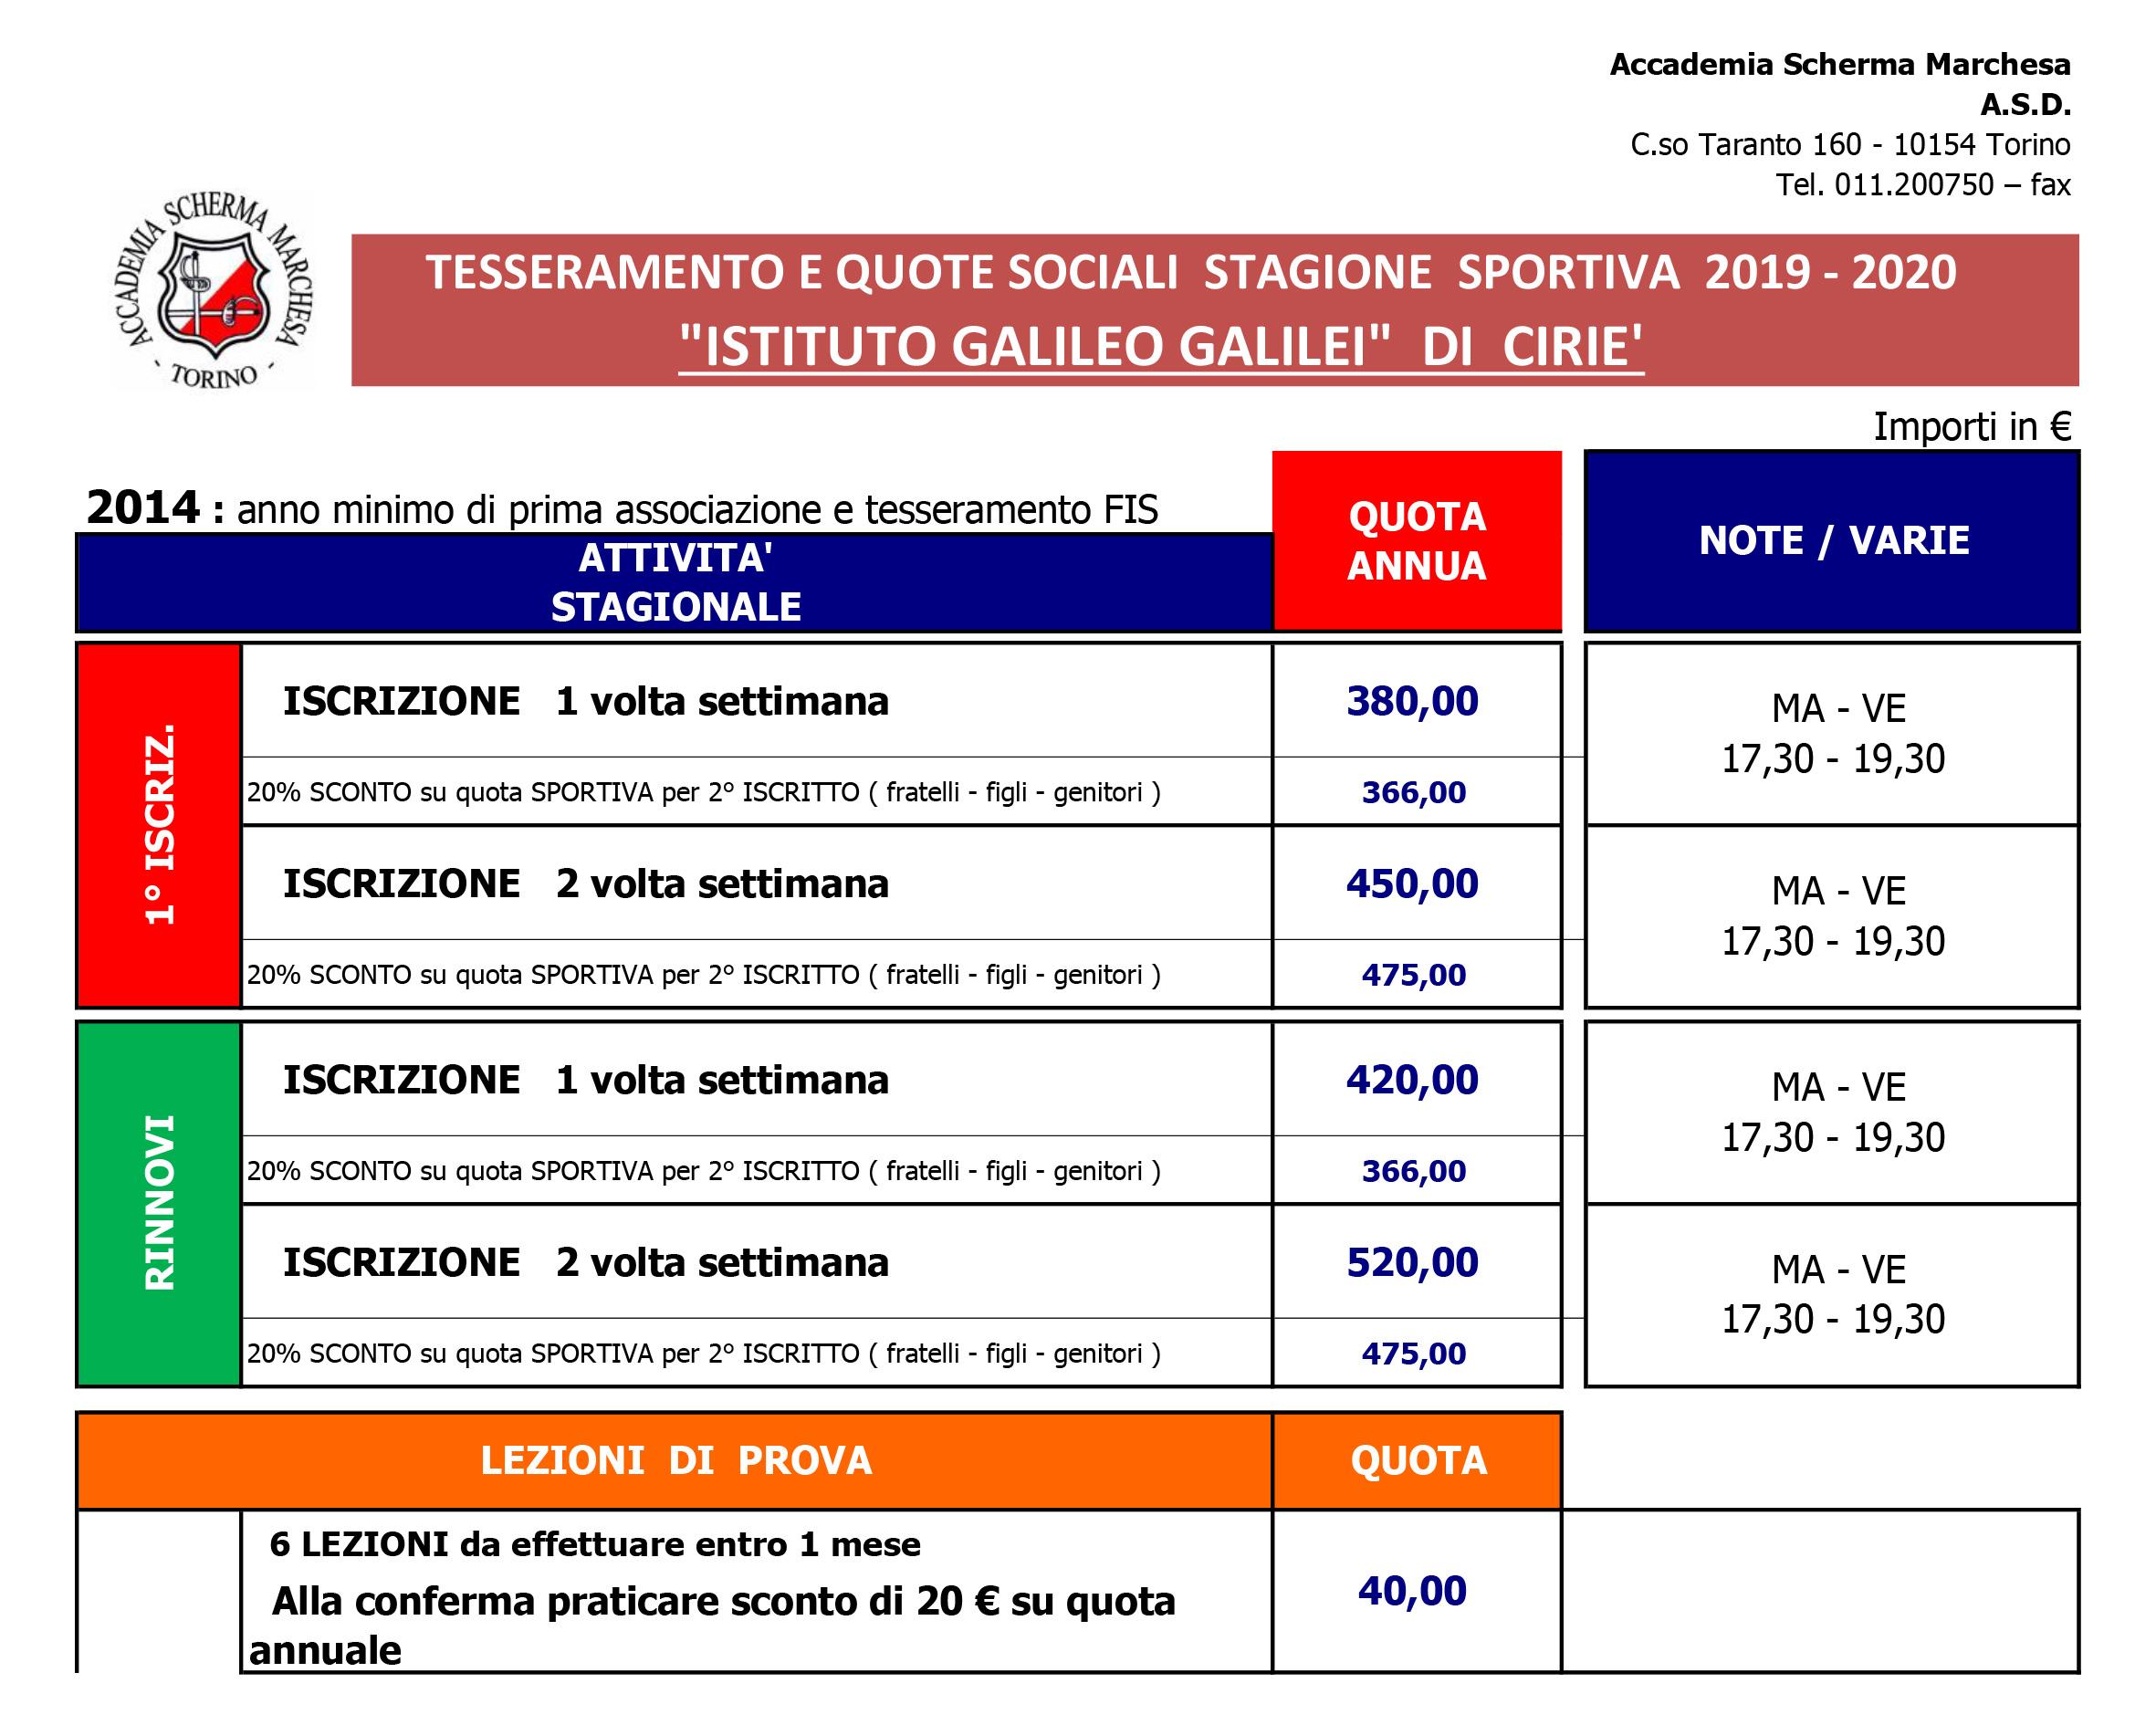 QUOTE SOCIALI 2019-2020 - CIRIE'